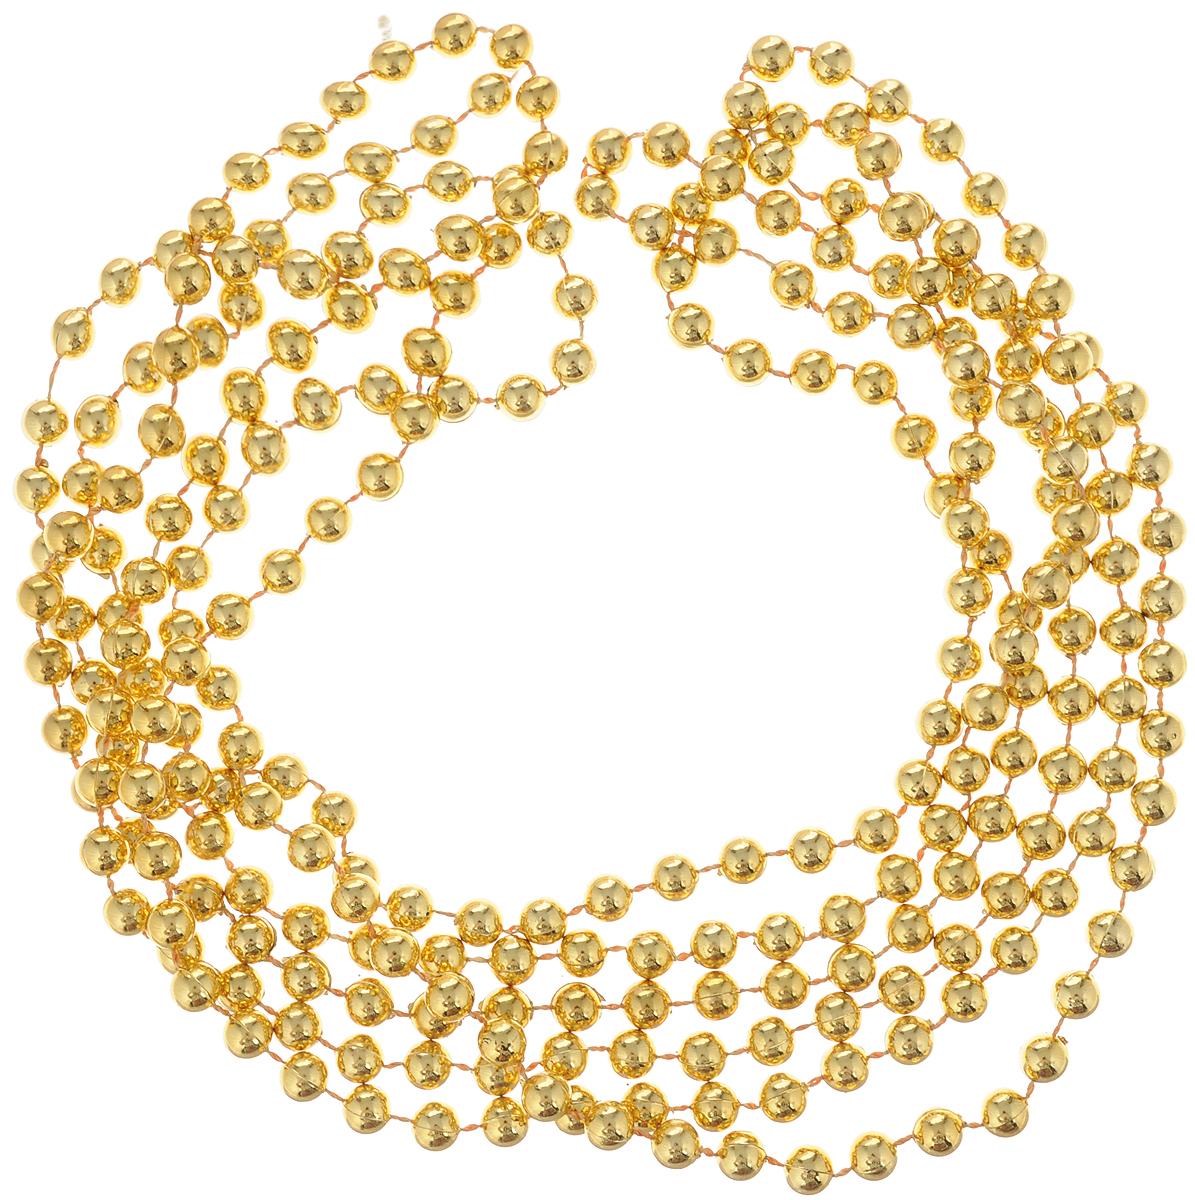 Гирлянда новогодняя Magic Time Бусы с золотыми шариками, длина 2,7 м38679Новогодняя гирлянда Magic Time Бусы с золотыми шариками, выполненная из полистирола, украсит интерьер вашего дома или офиса в преддверии Нового года. Гирлянда представляет собой бусины на нити. Оригинальный дизайн и красочное исполнение создадут праздничное настроение. Новогодние украшения всегда несут в себе волшебство и красоту праздника. Создайте в своем доме атмосферу тепла, веселья и радости, украшая его всей семьей.Диаметр бусины: 5 мм.